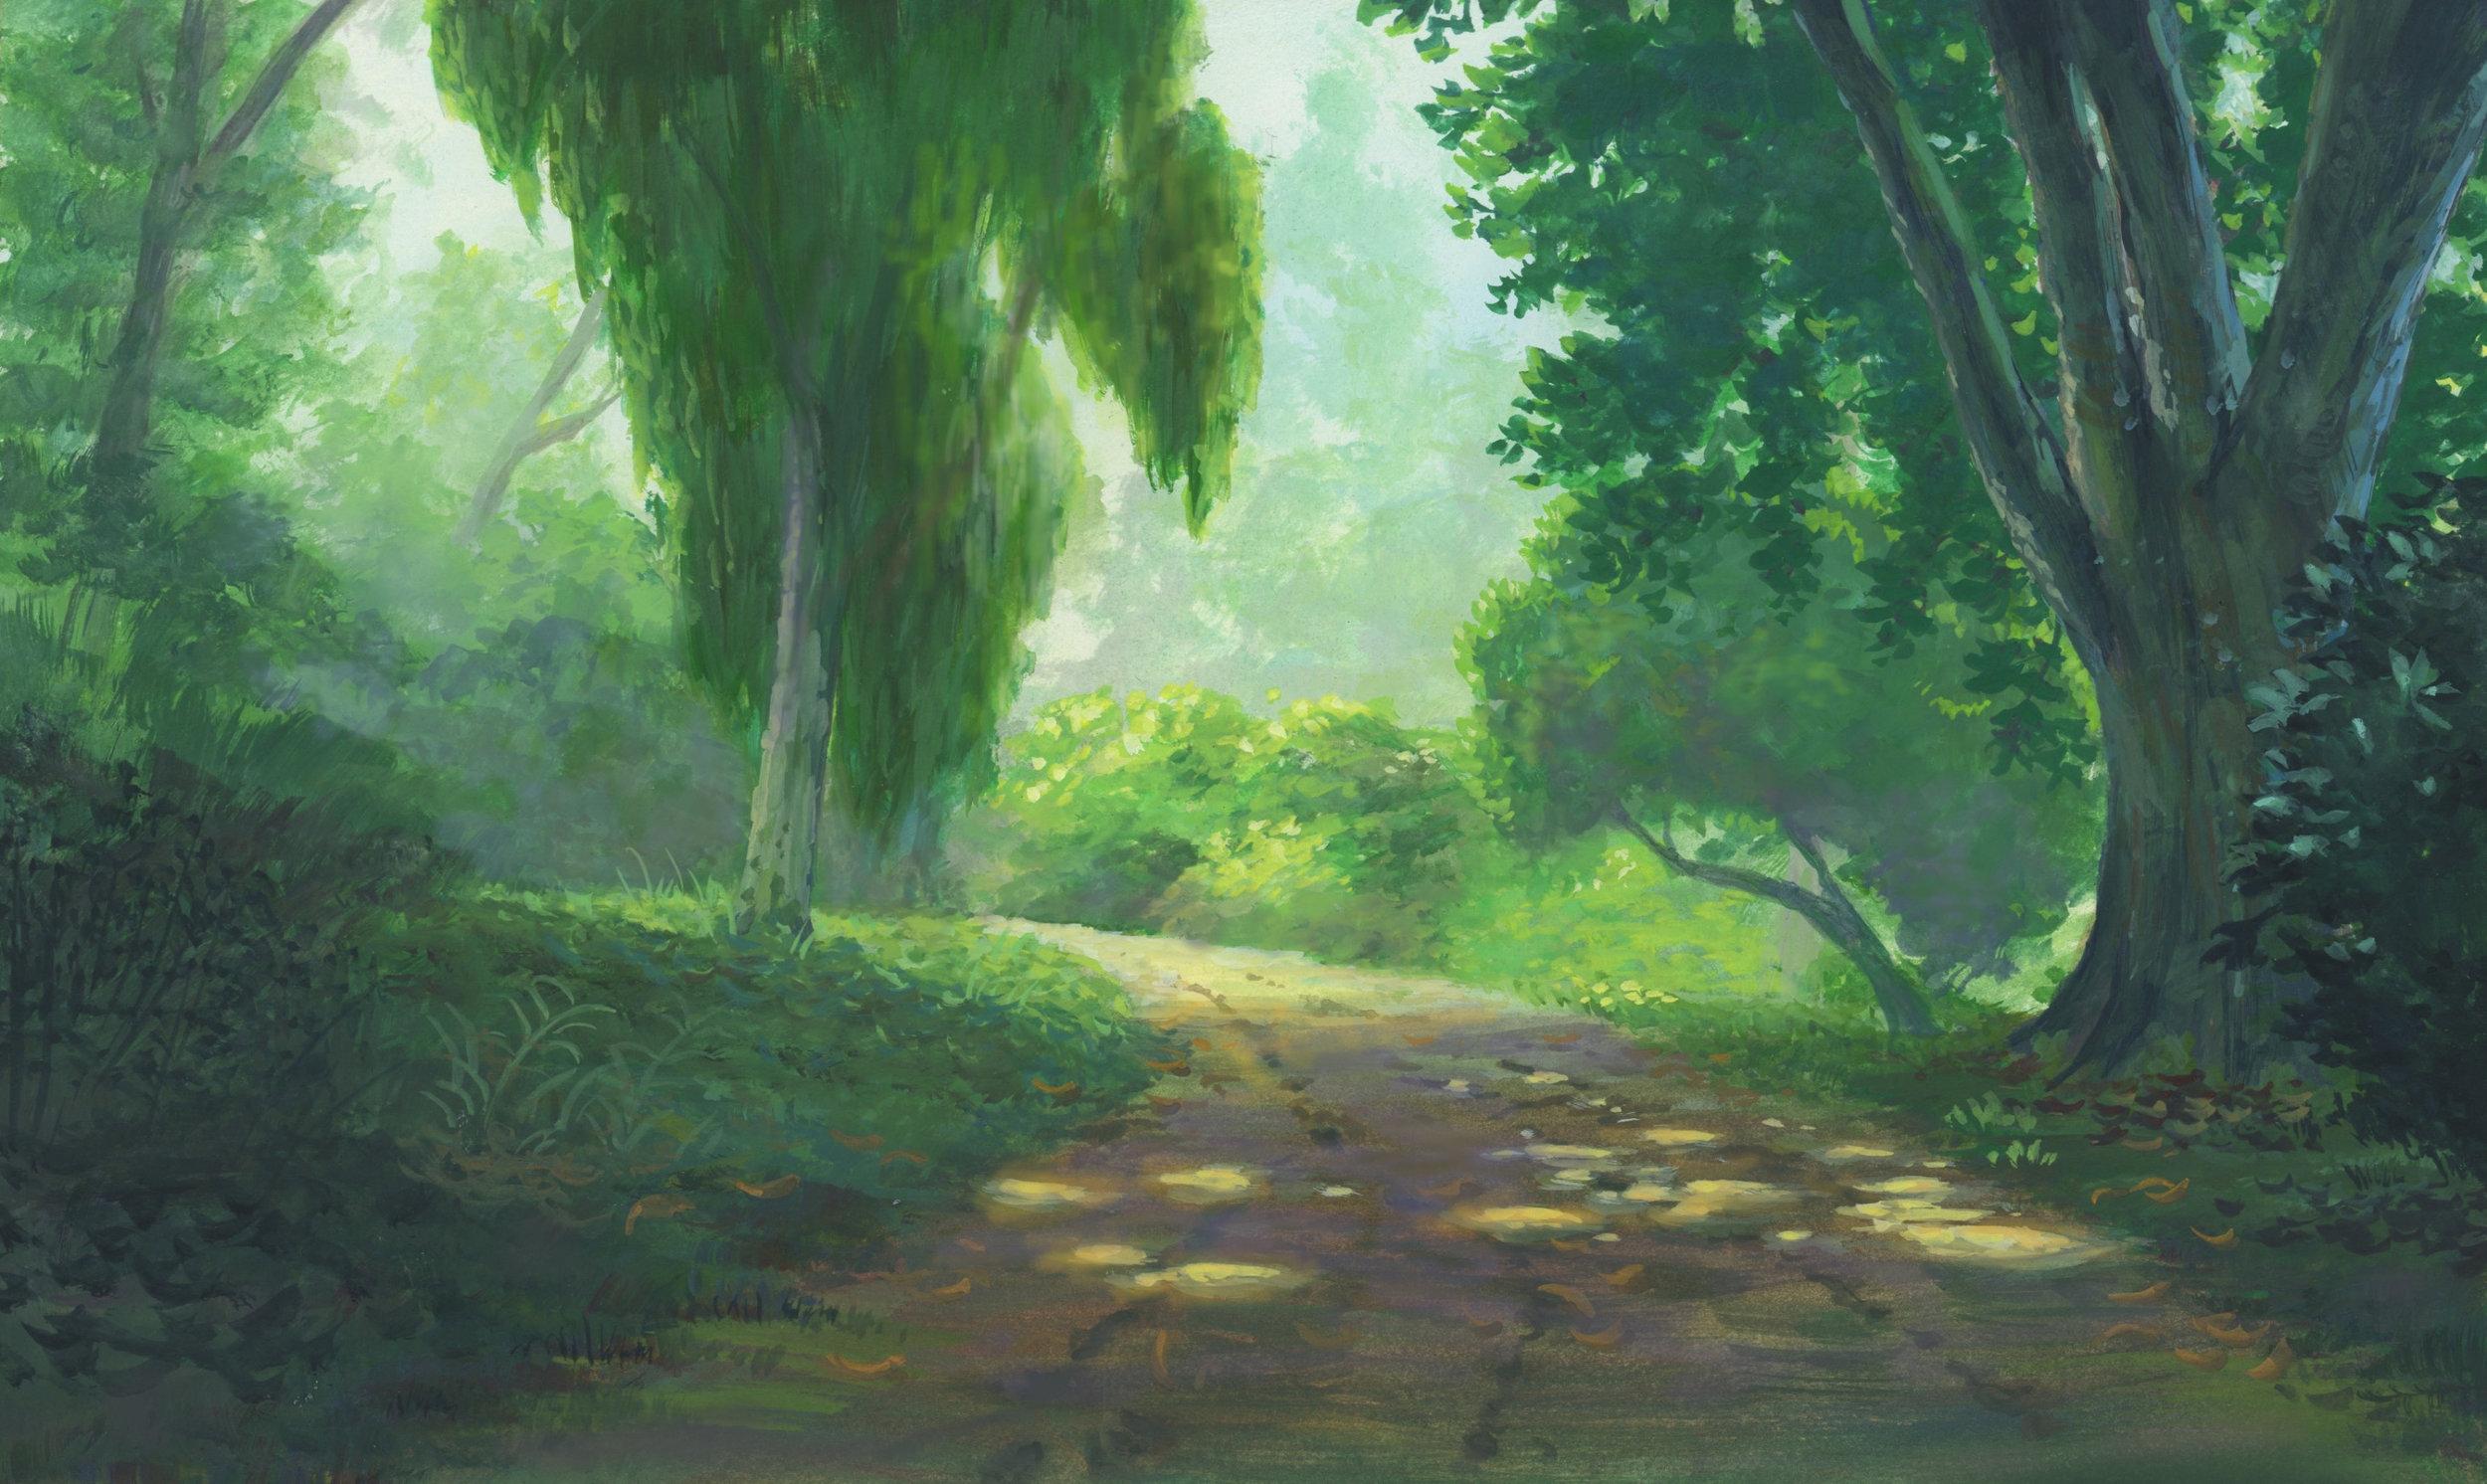 Leon Lee_Term 6_Digital Landscape_Spring 2-16_just.shrimp@hotmail.com_0264185_Landscape4.jpg